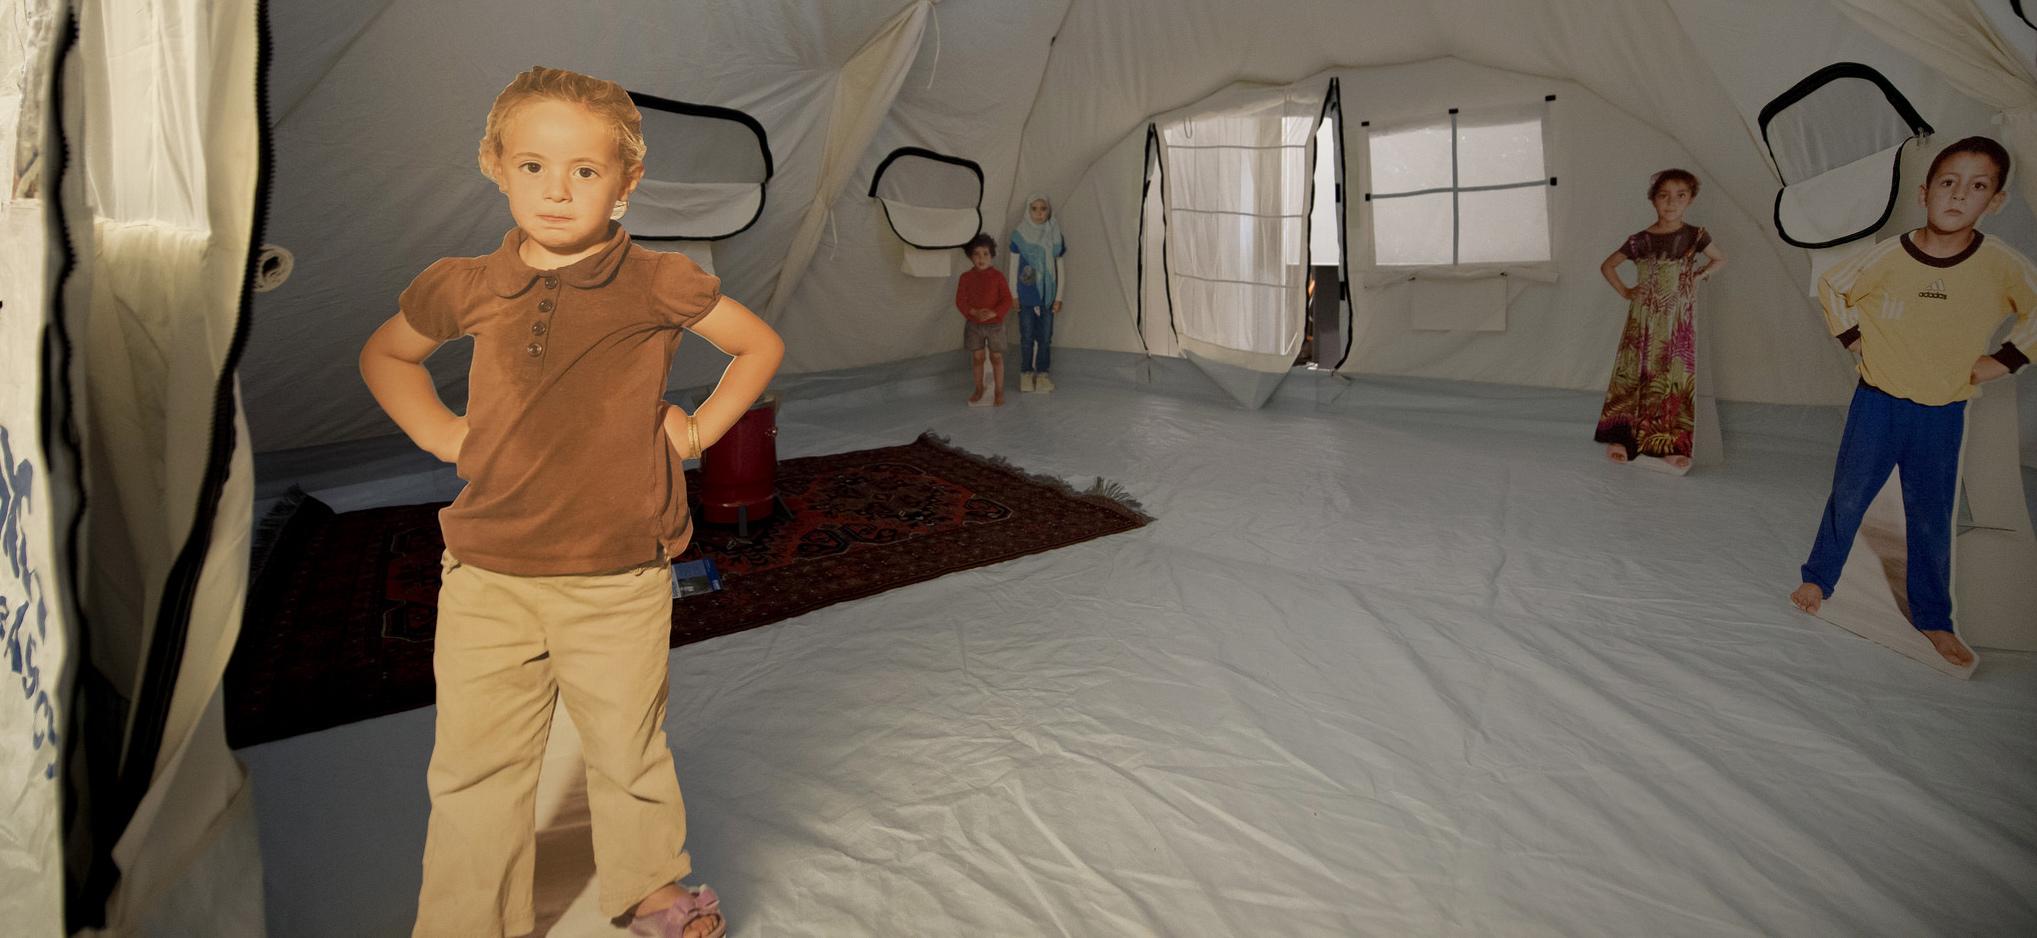 Photo: Flickr/UNHCR